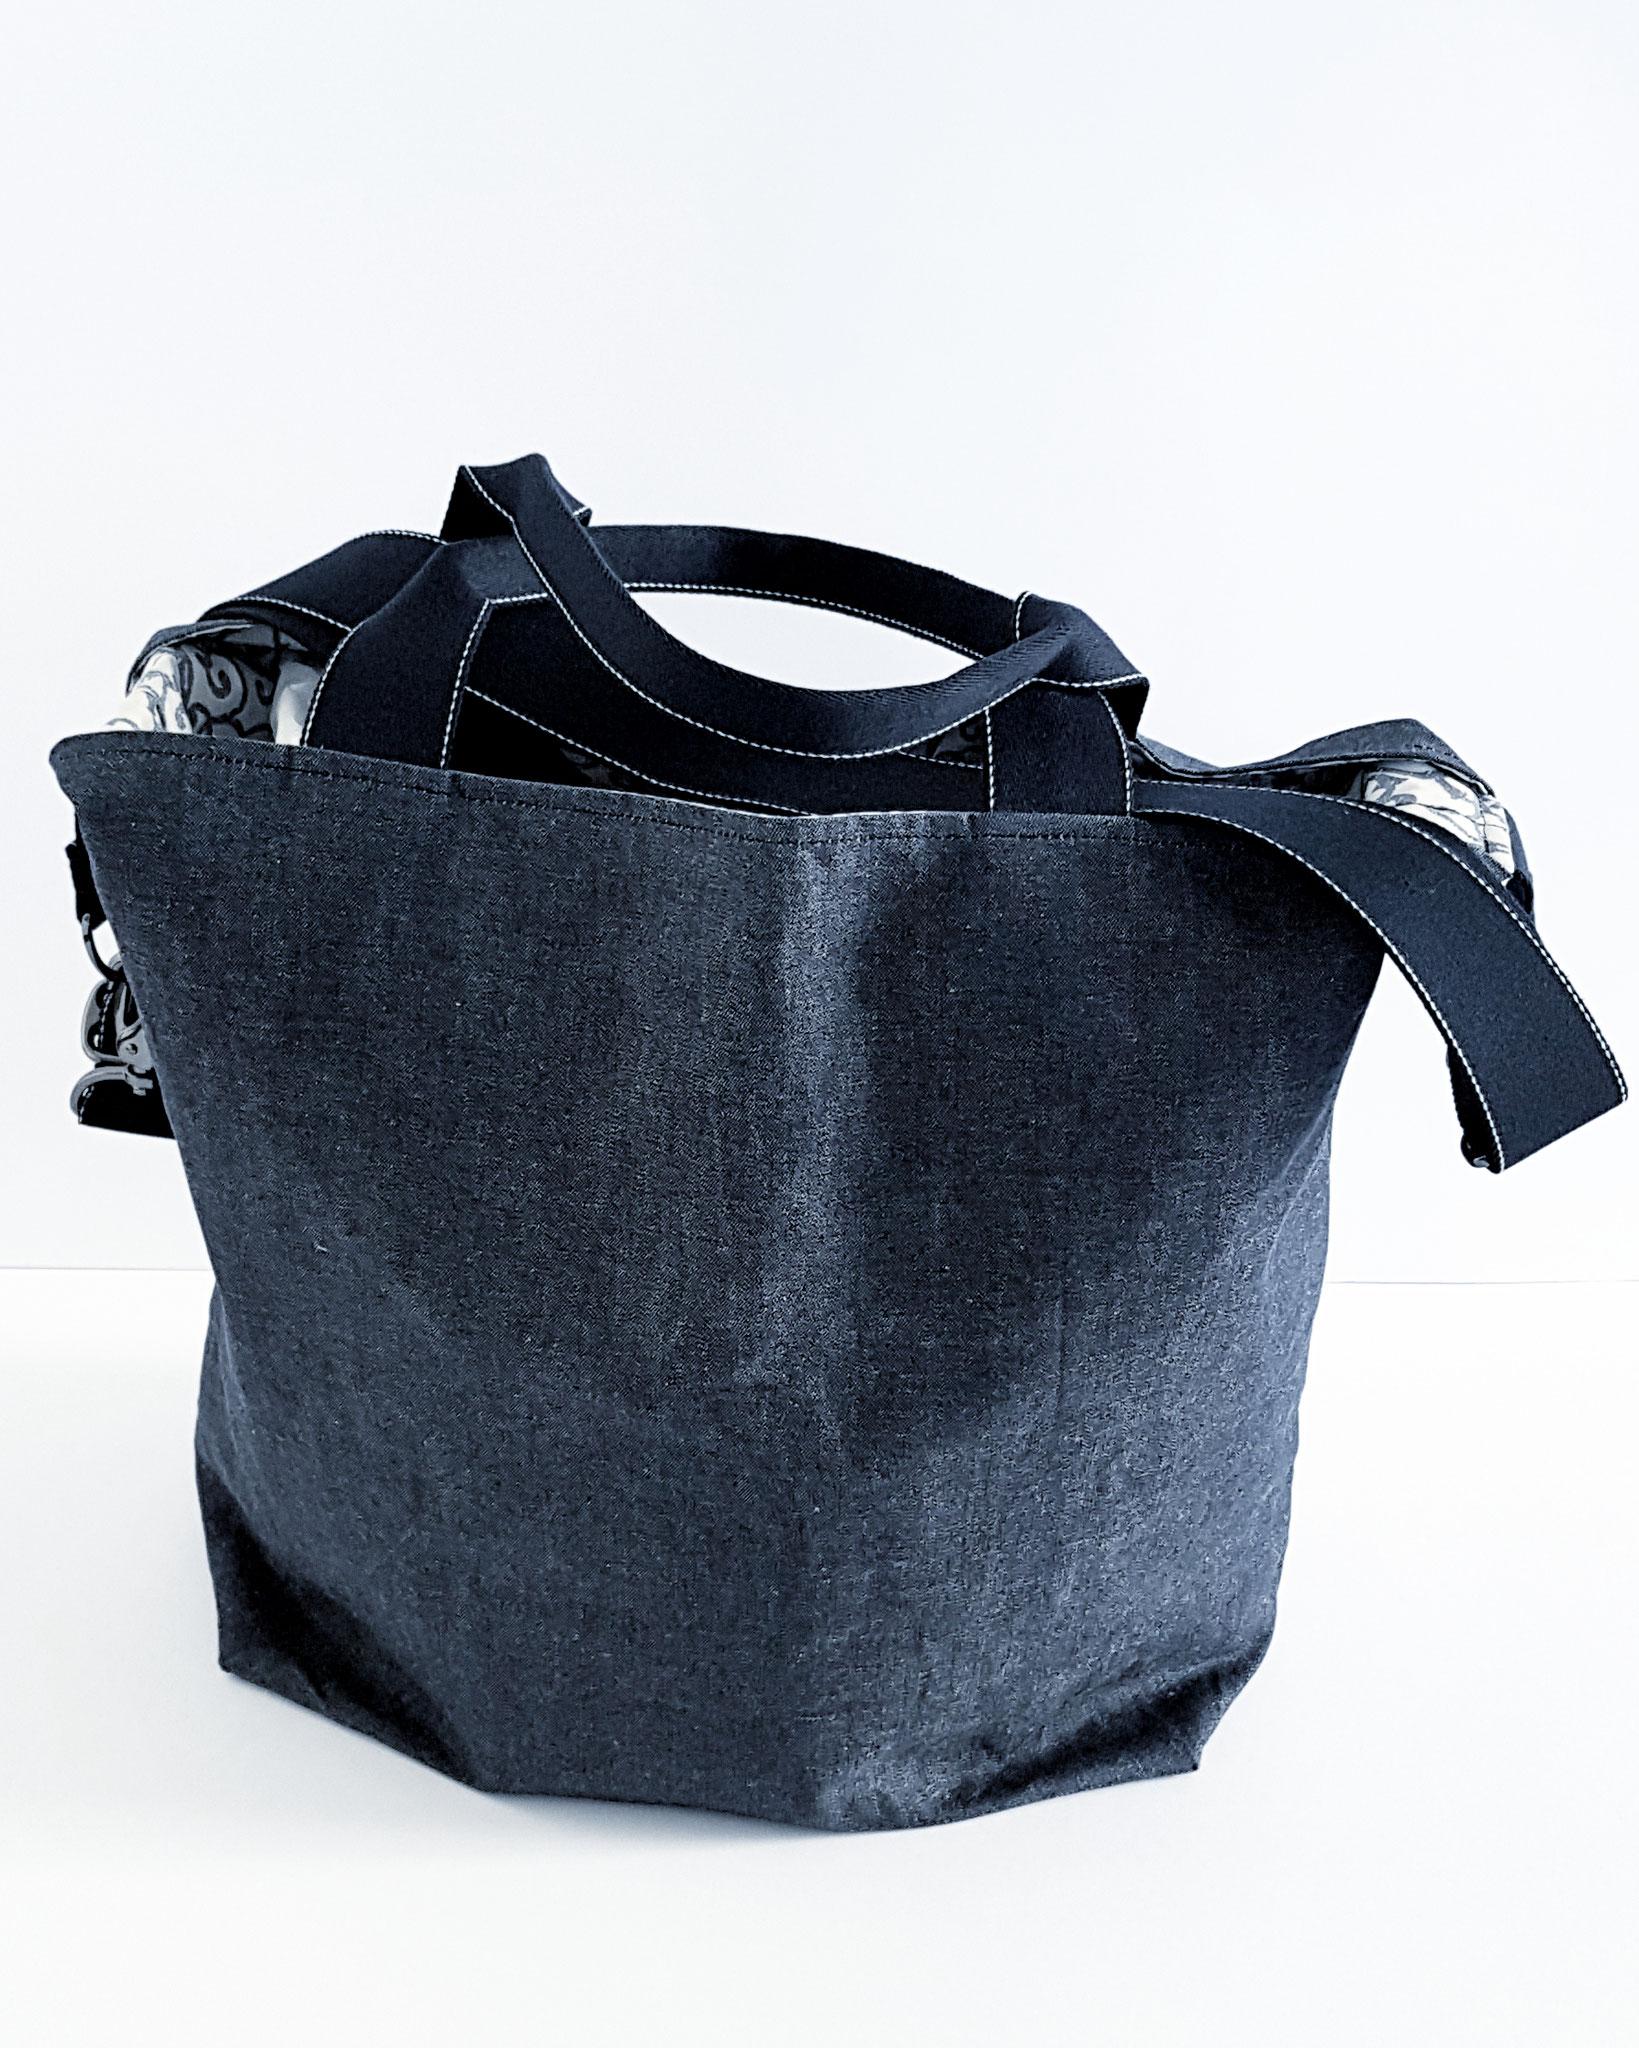 Shopper, trockener Oilskin Jeans, Fr. 105.-